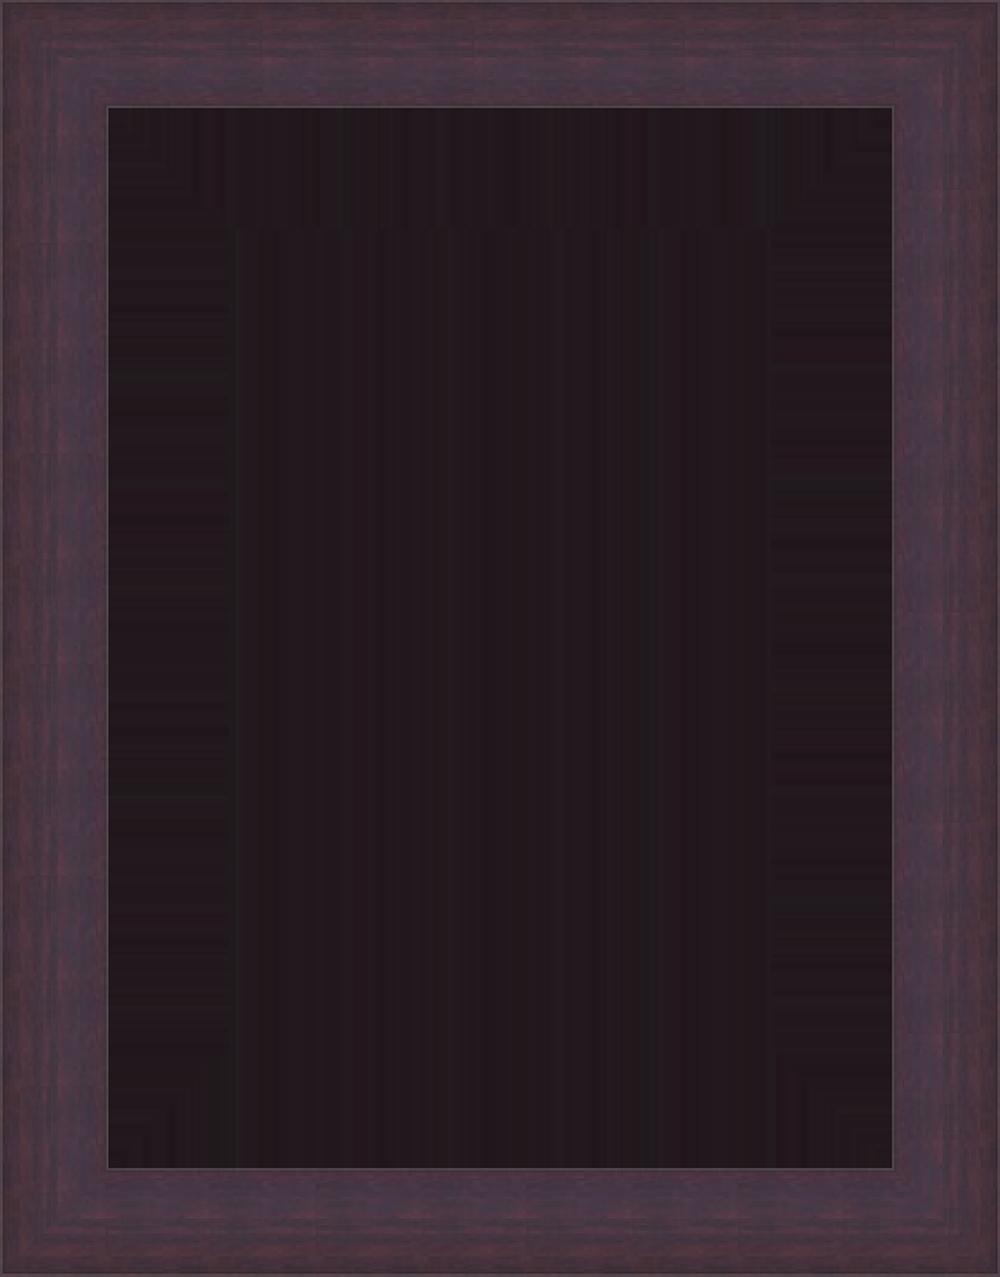 Frames | The Art Group